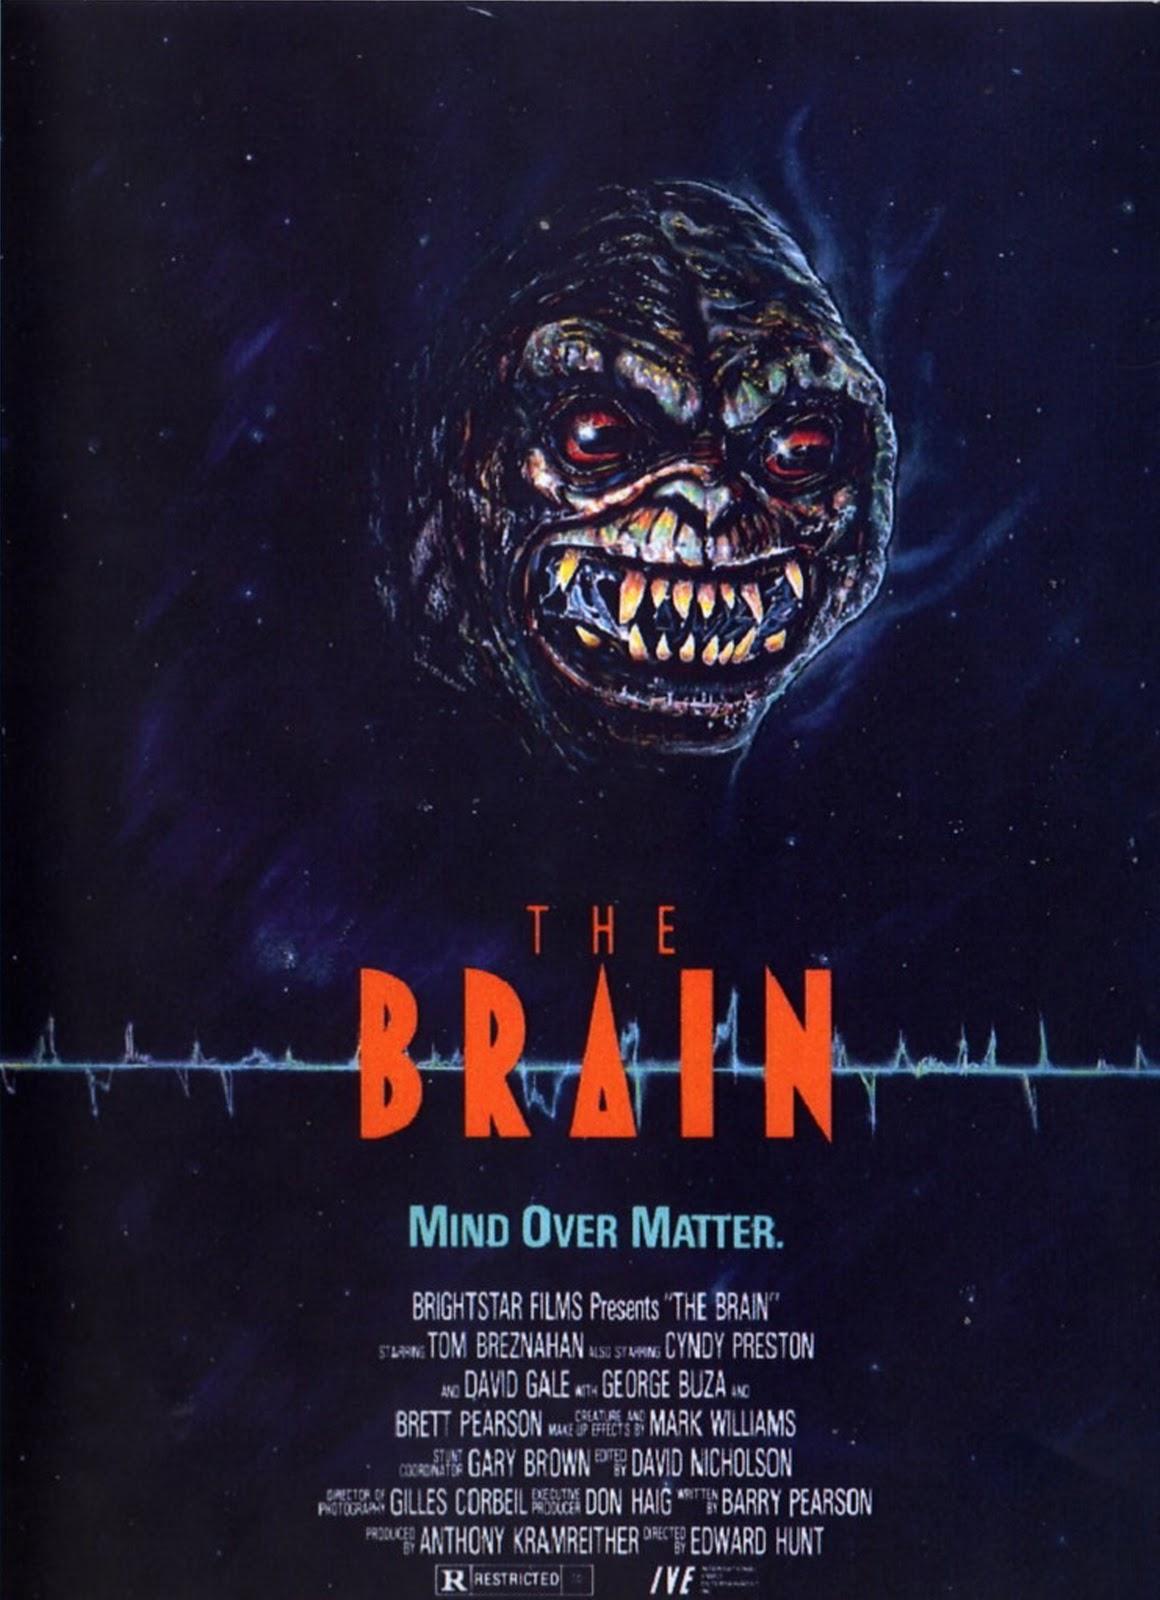 brain_poster_1988_01.jpg